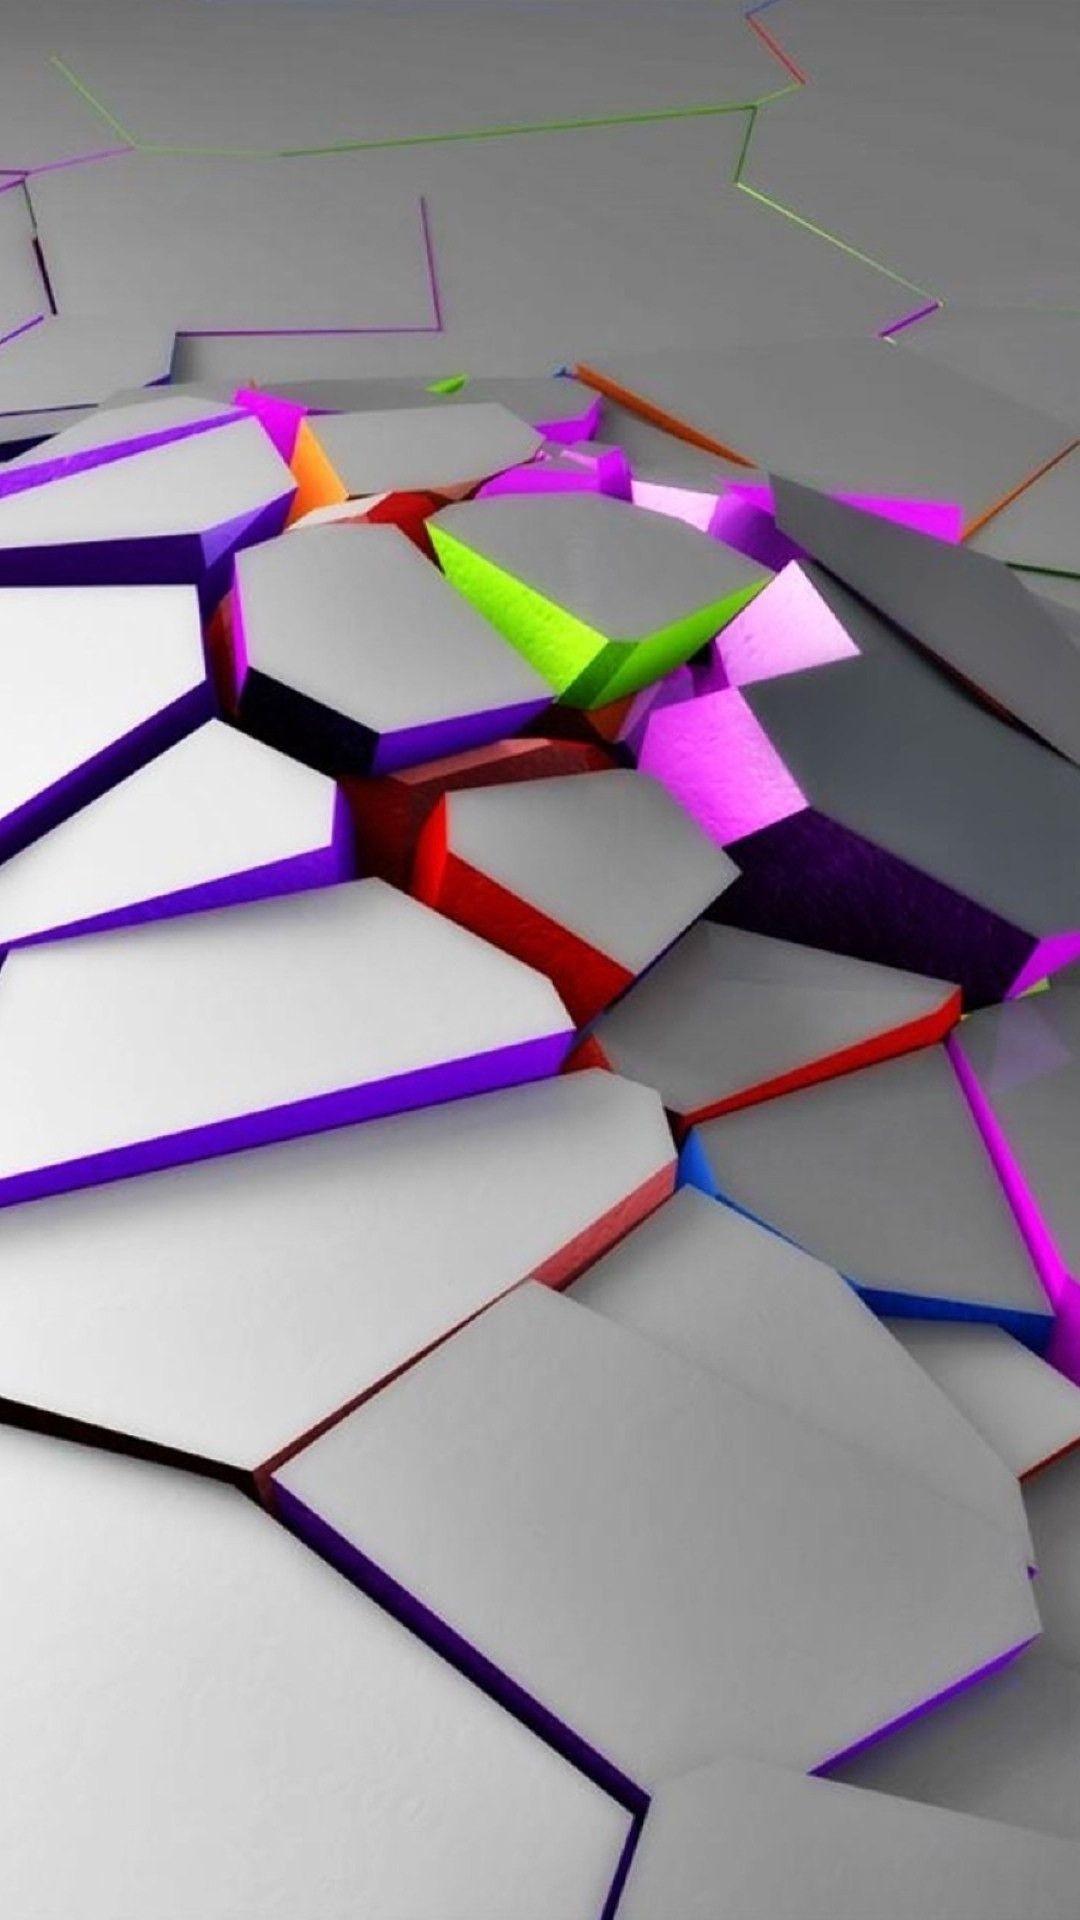 Neon cracks Mobile Wallpaper 4635